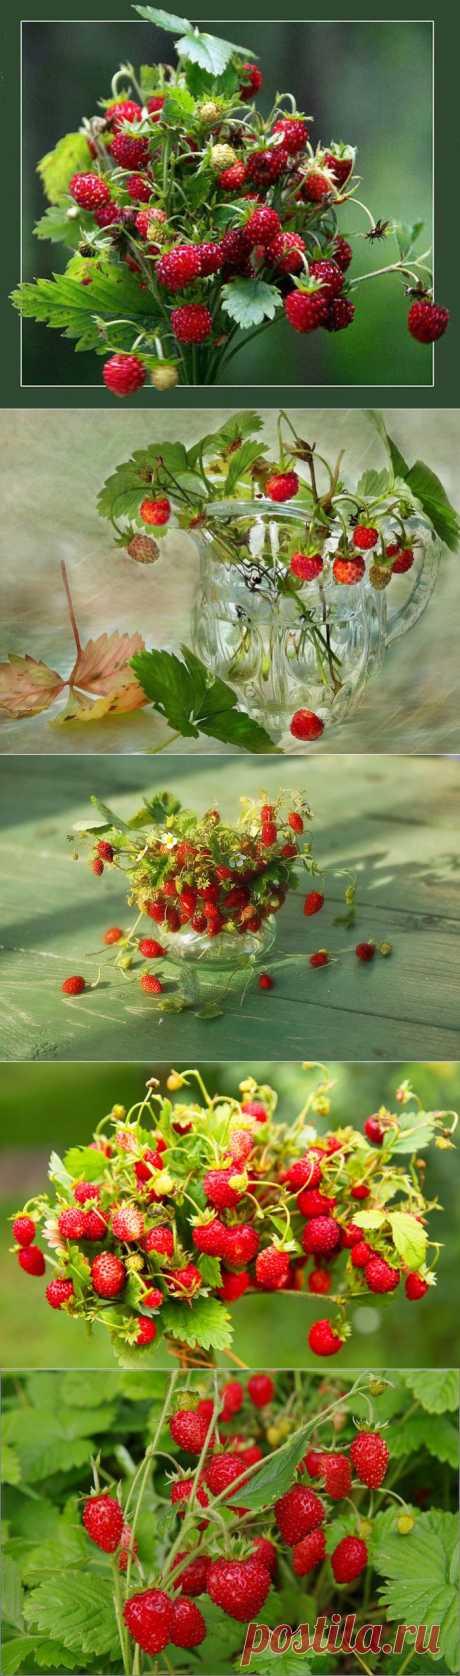 Земляничный натюрморт. Запах ароматной земляники Летним днем встречает нас в лесу. И пьянит восторгом нежно-диким, Впитываясь в кроткую росу.  И.Мордвина